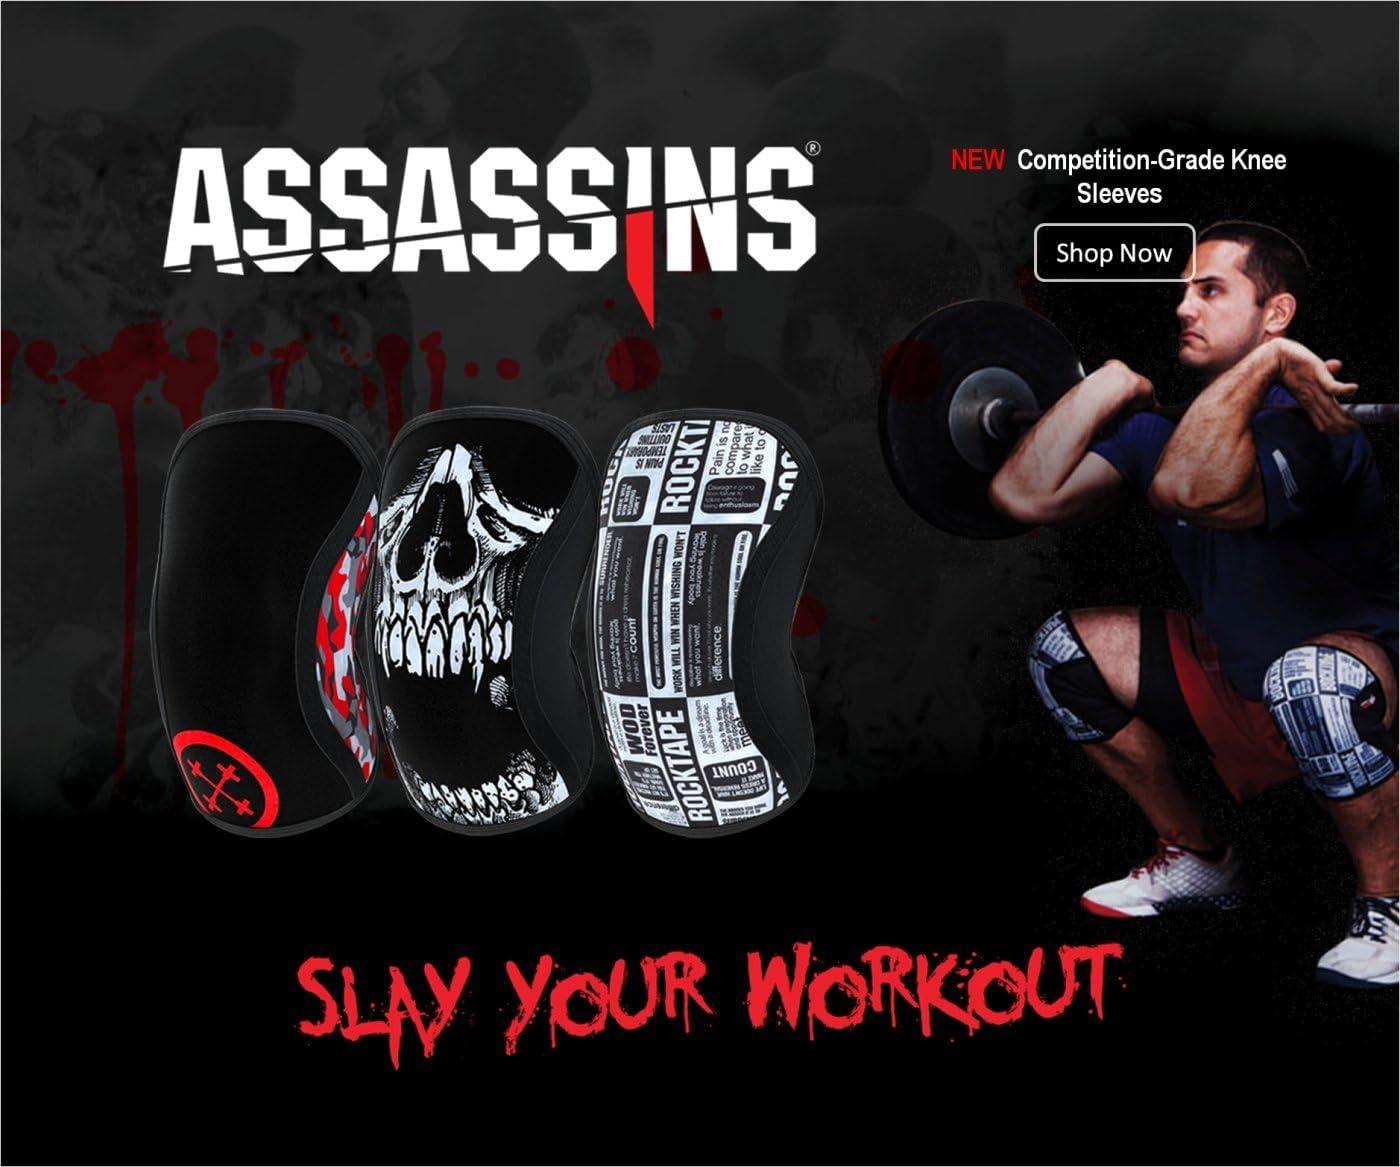 RockTape Assassins Knee Sleeves Knieschoner Skull 5mm